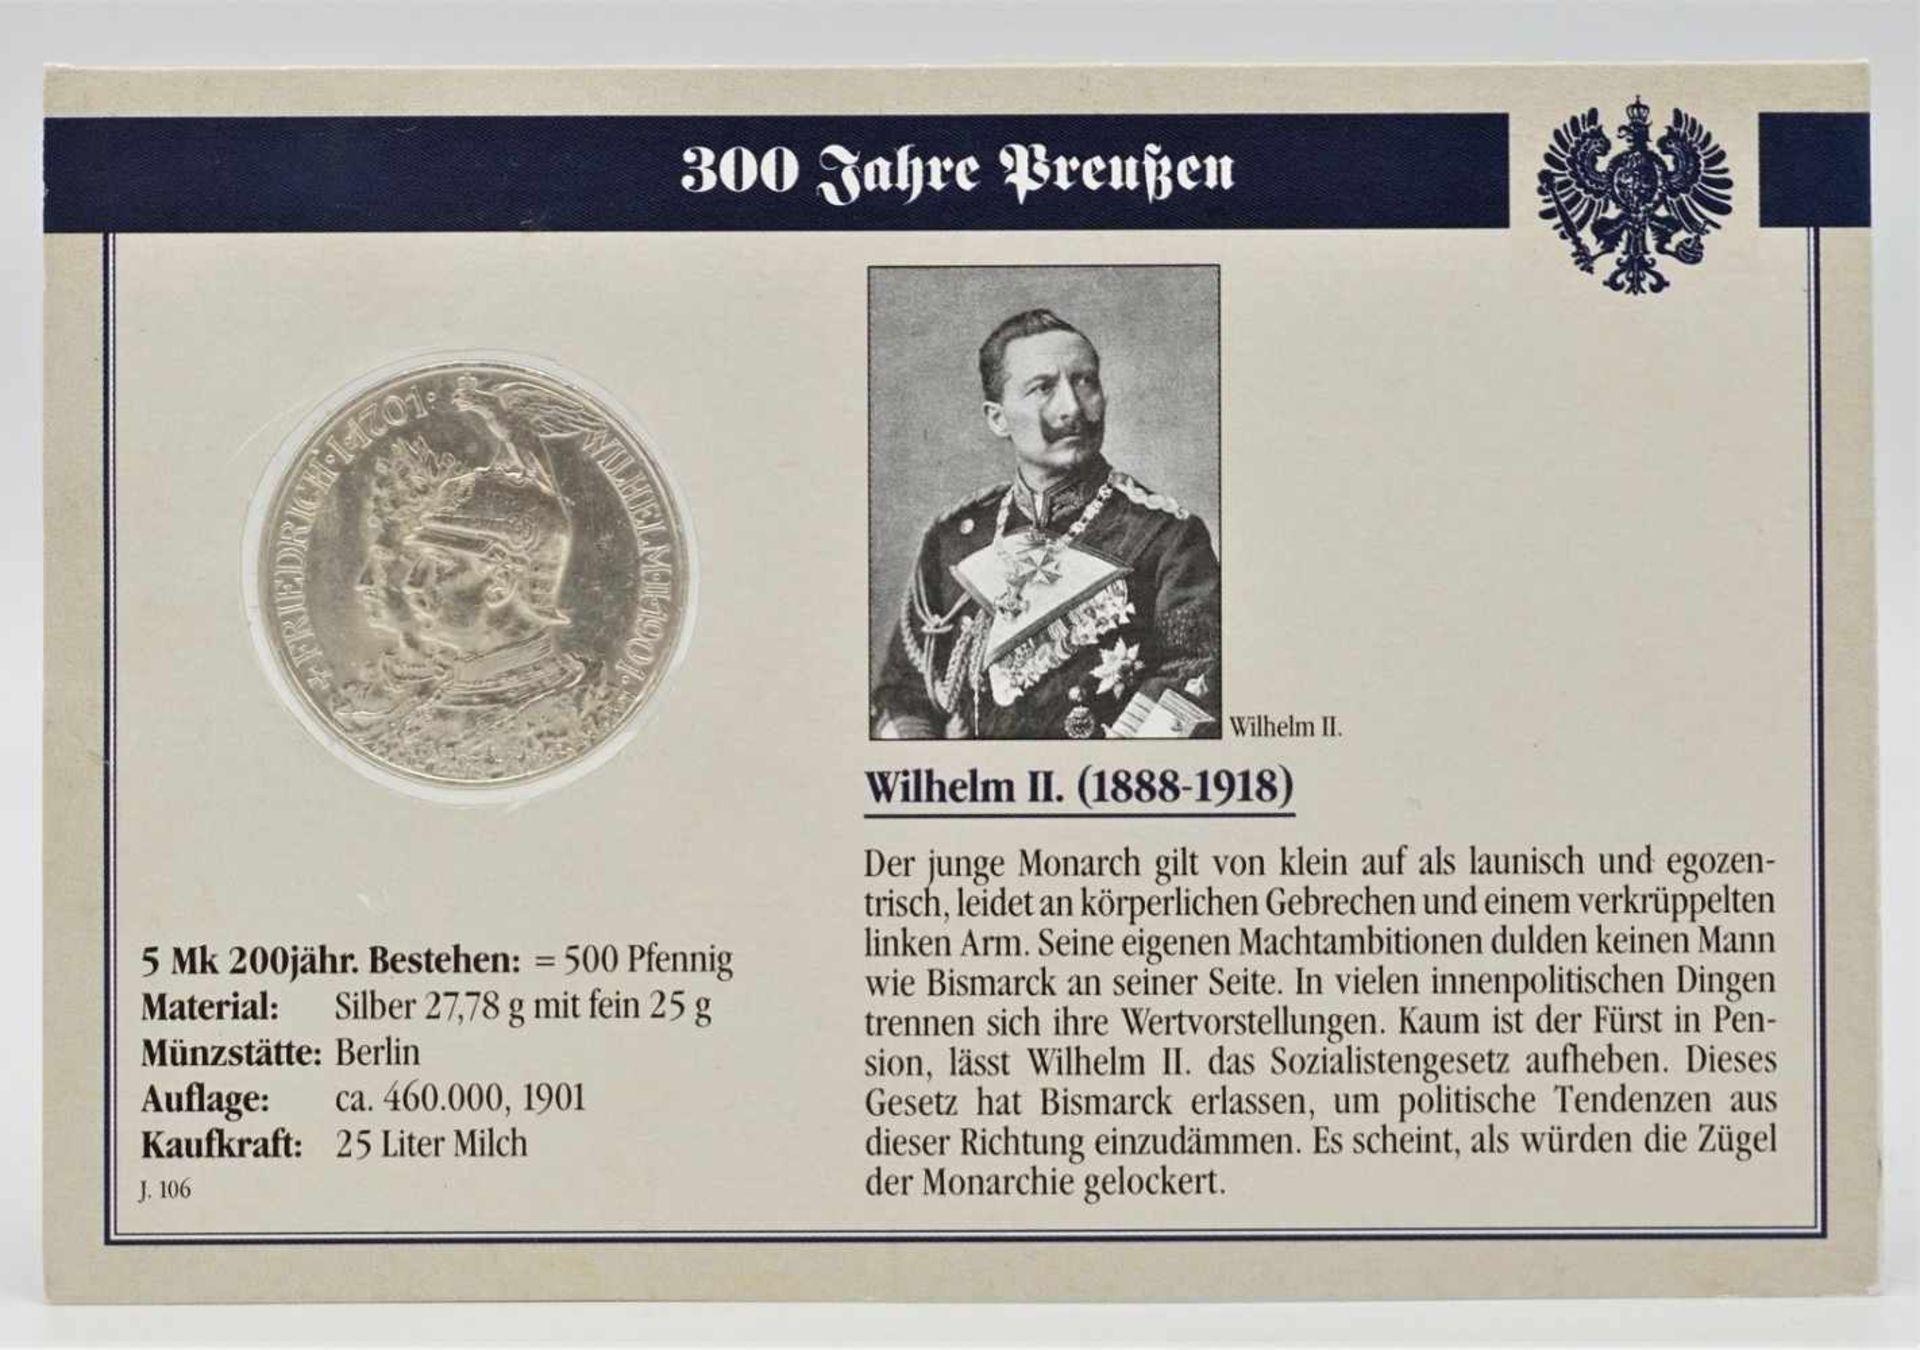 """Album """"300 Jahre Preußen"""" mit 32 Münzen - Bild 4 aus 6"""